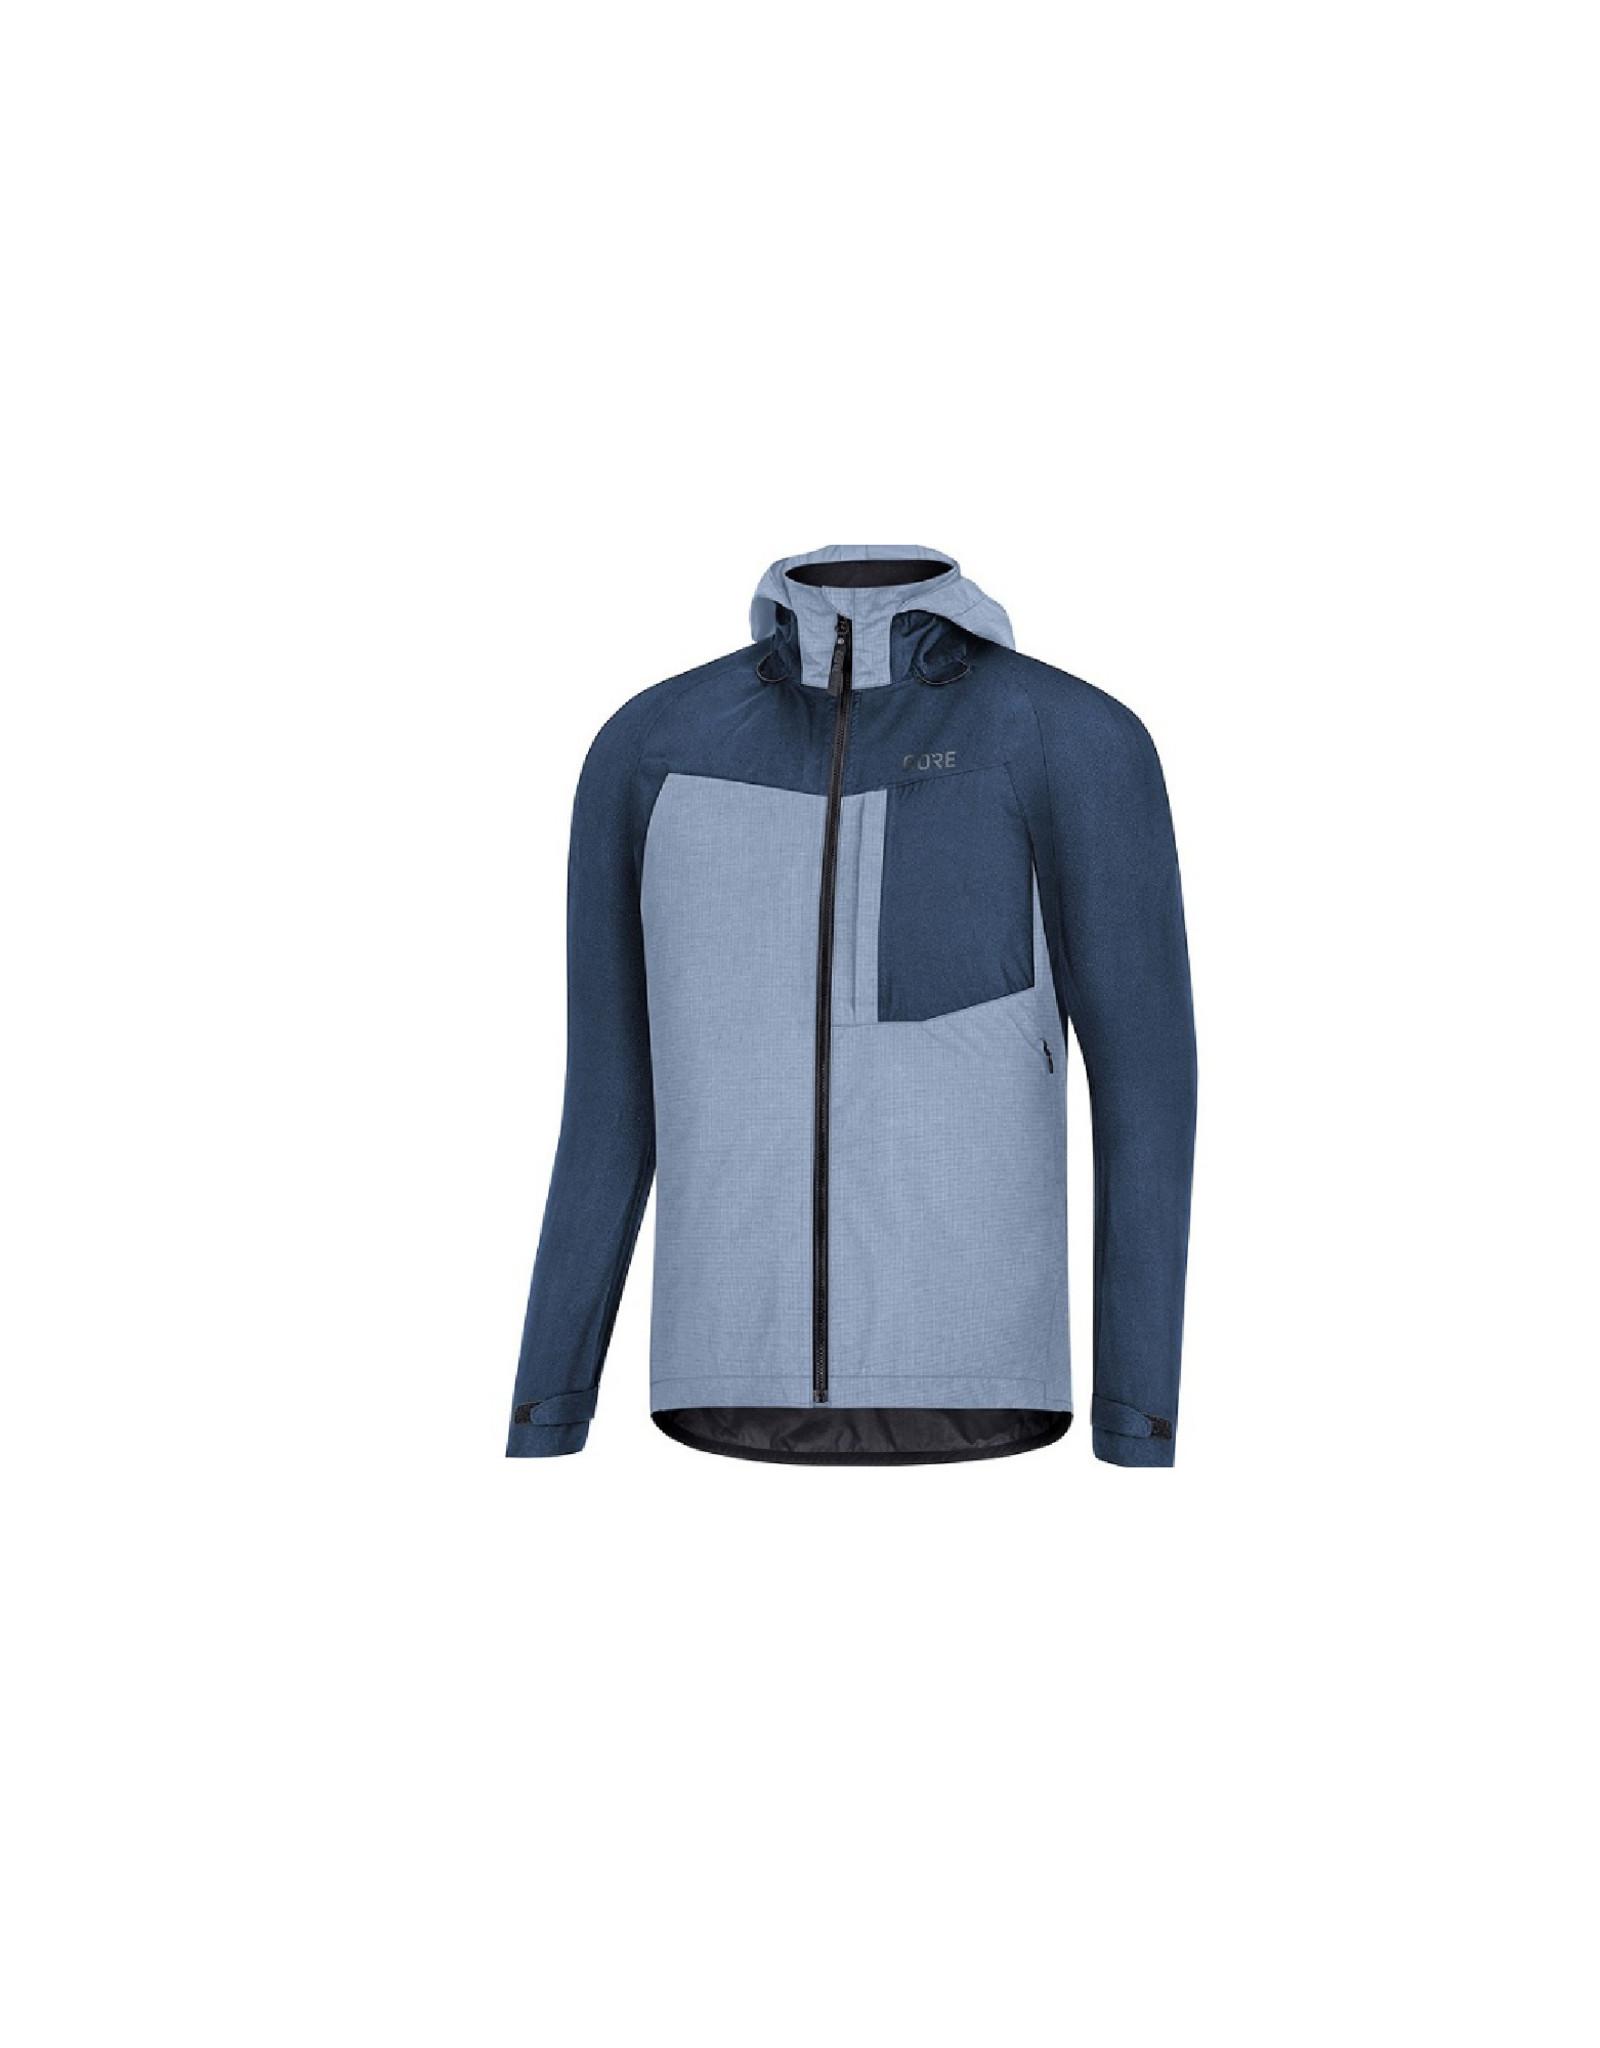 GORE WEAR Gore Wear Manteau C5 Gore-Tex Trail à Capuchon